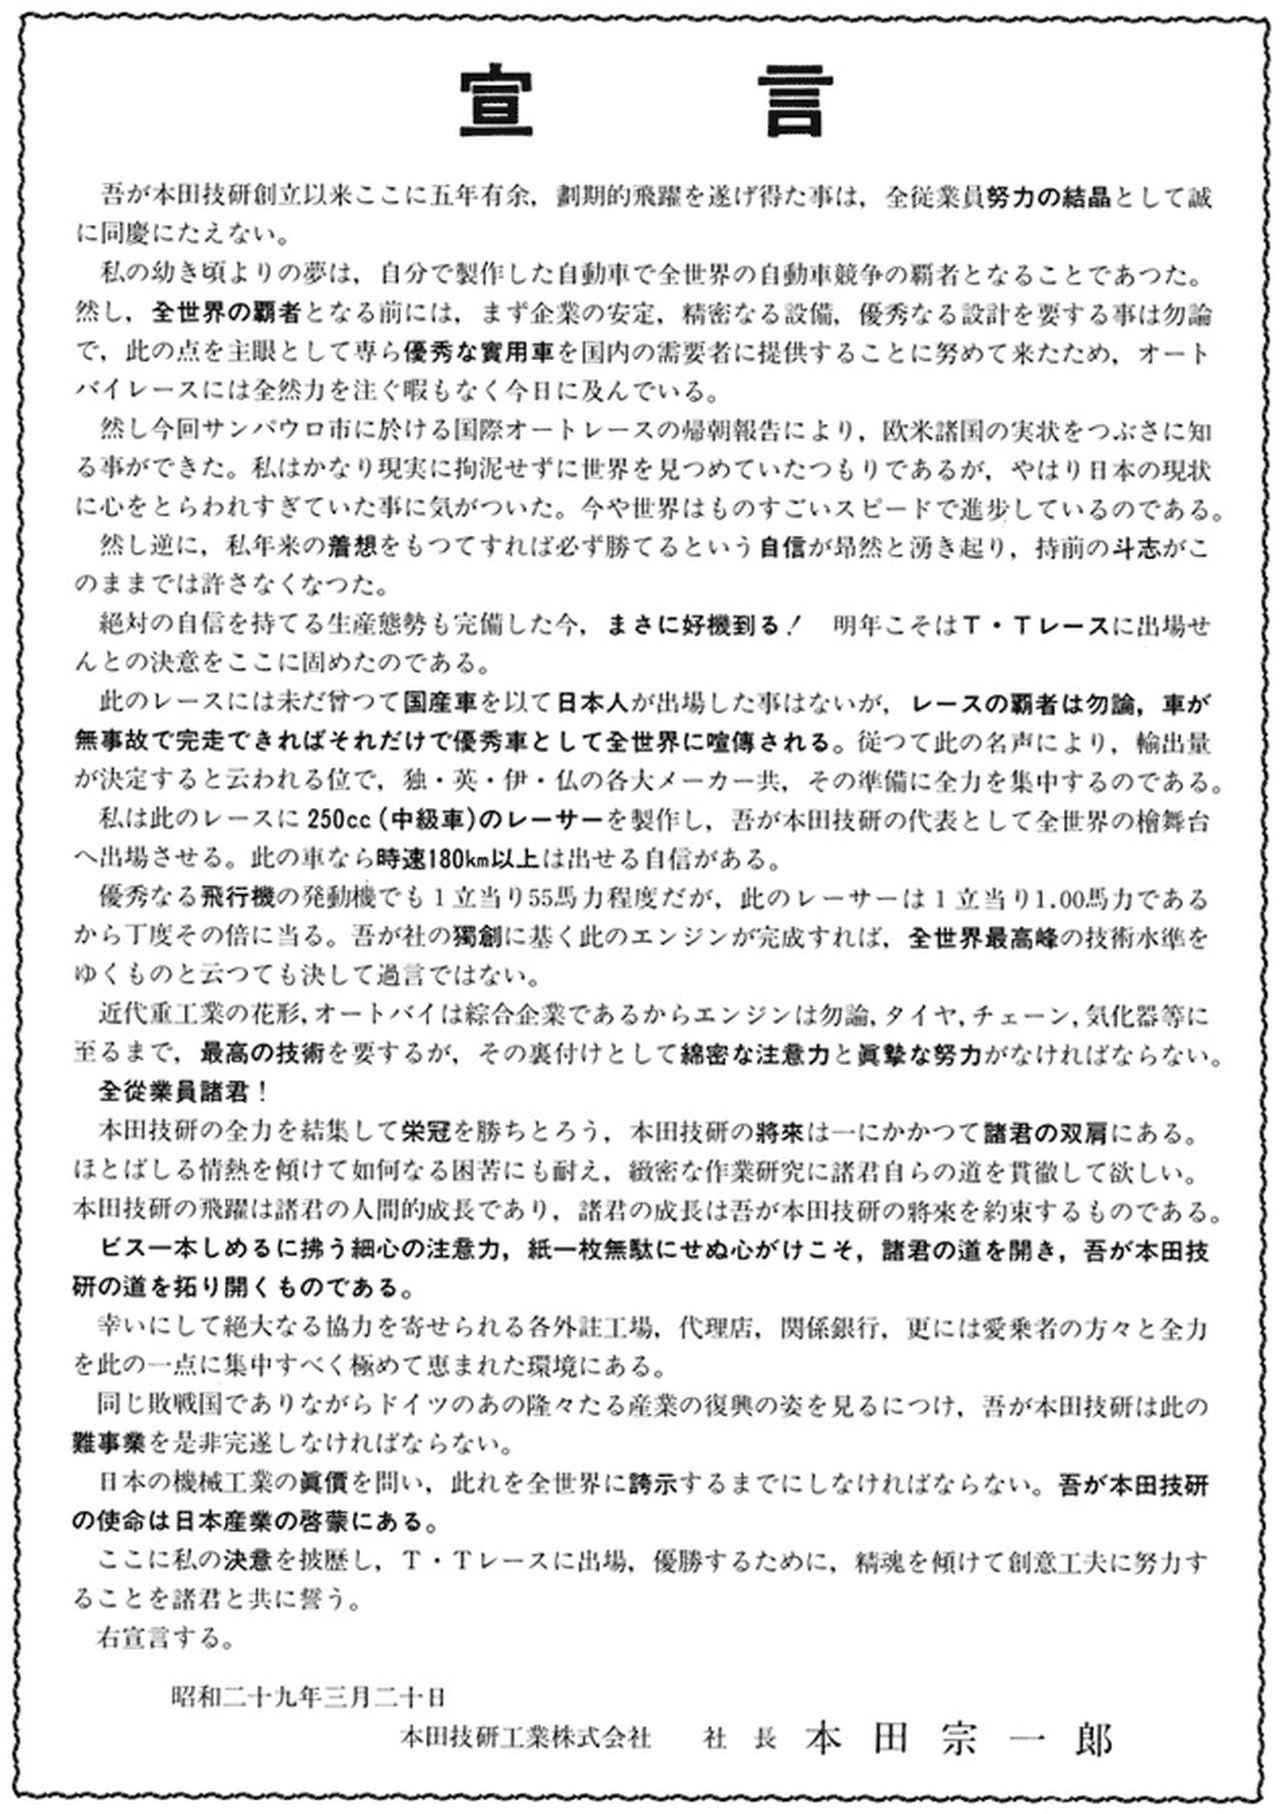 画像: マン島TTレース出場宣言(社内向け版)。本田宗一郎の意をくんで、藤澤武夫が自ら文案を練ったそうです。 www.honda.co.jp